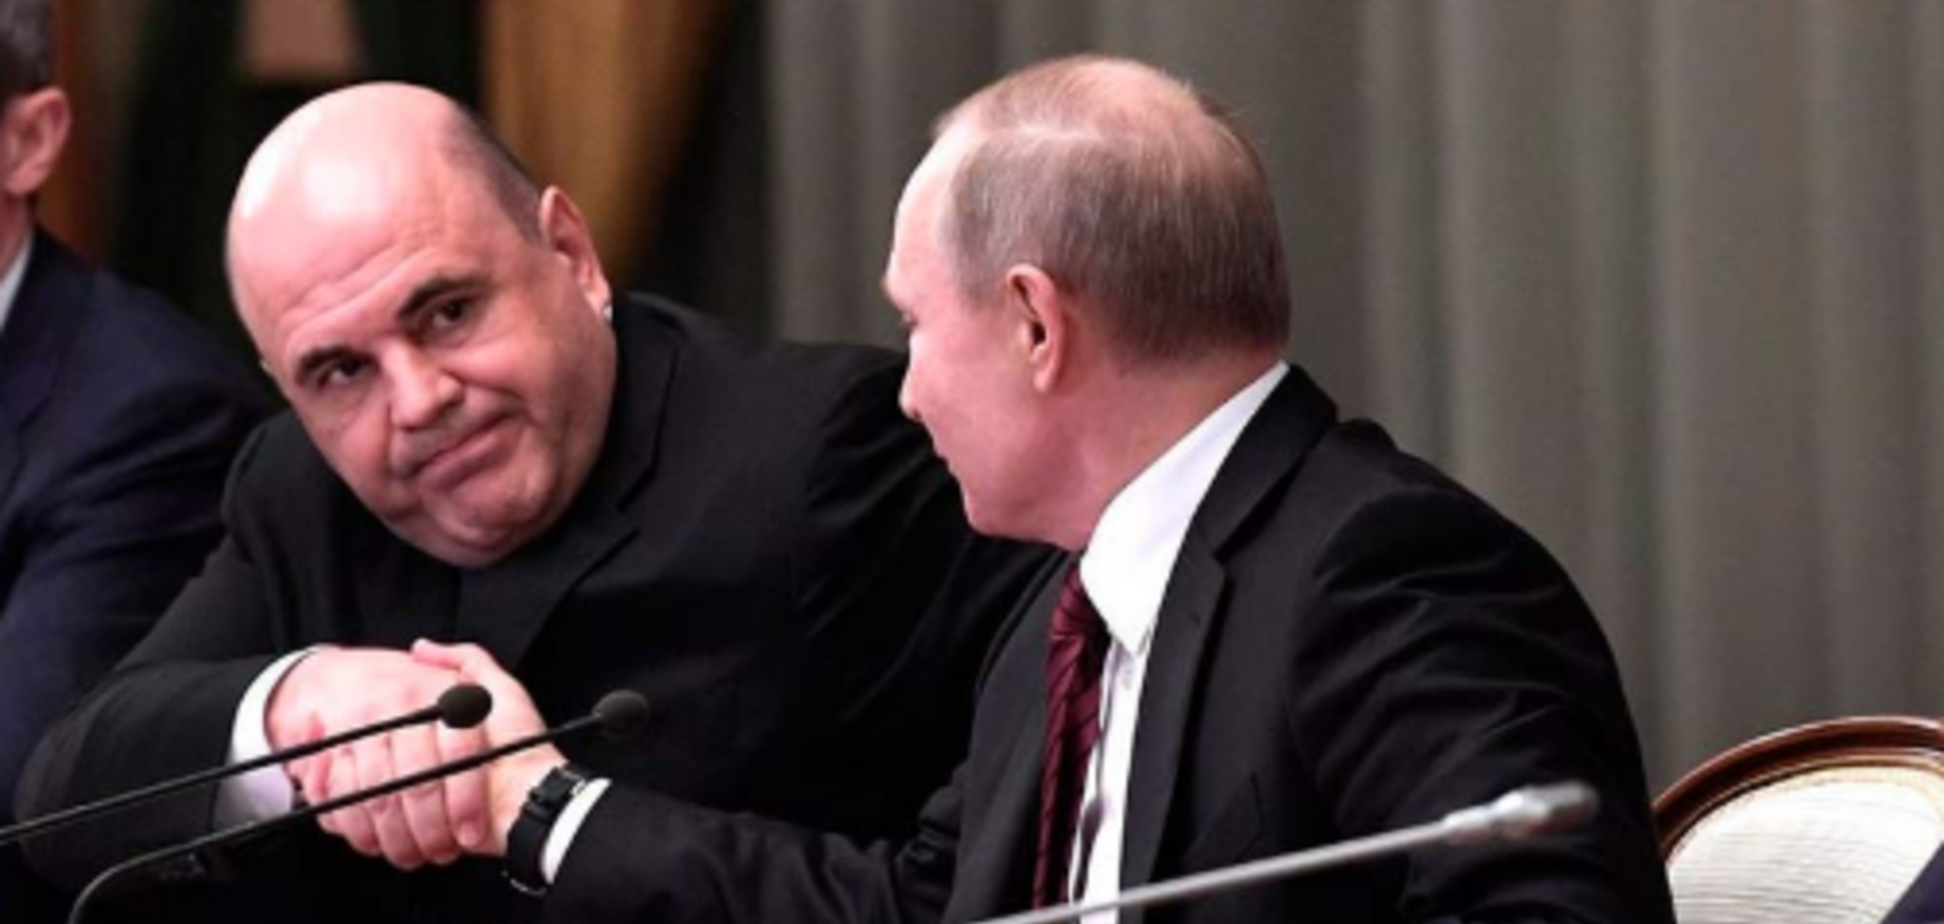 Премьер Мишустин и Путин: всплыла давняя связь